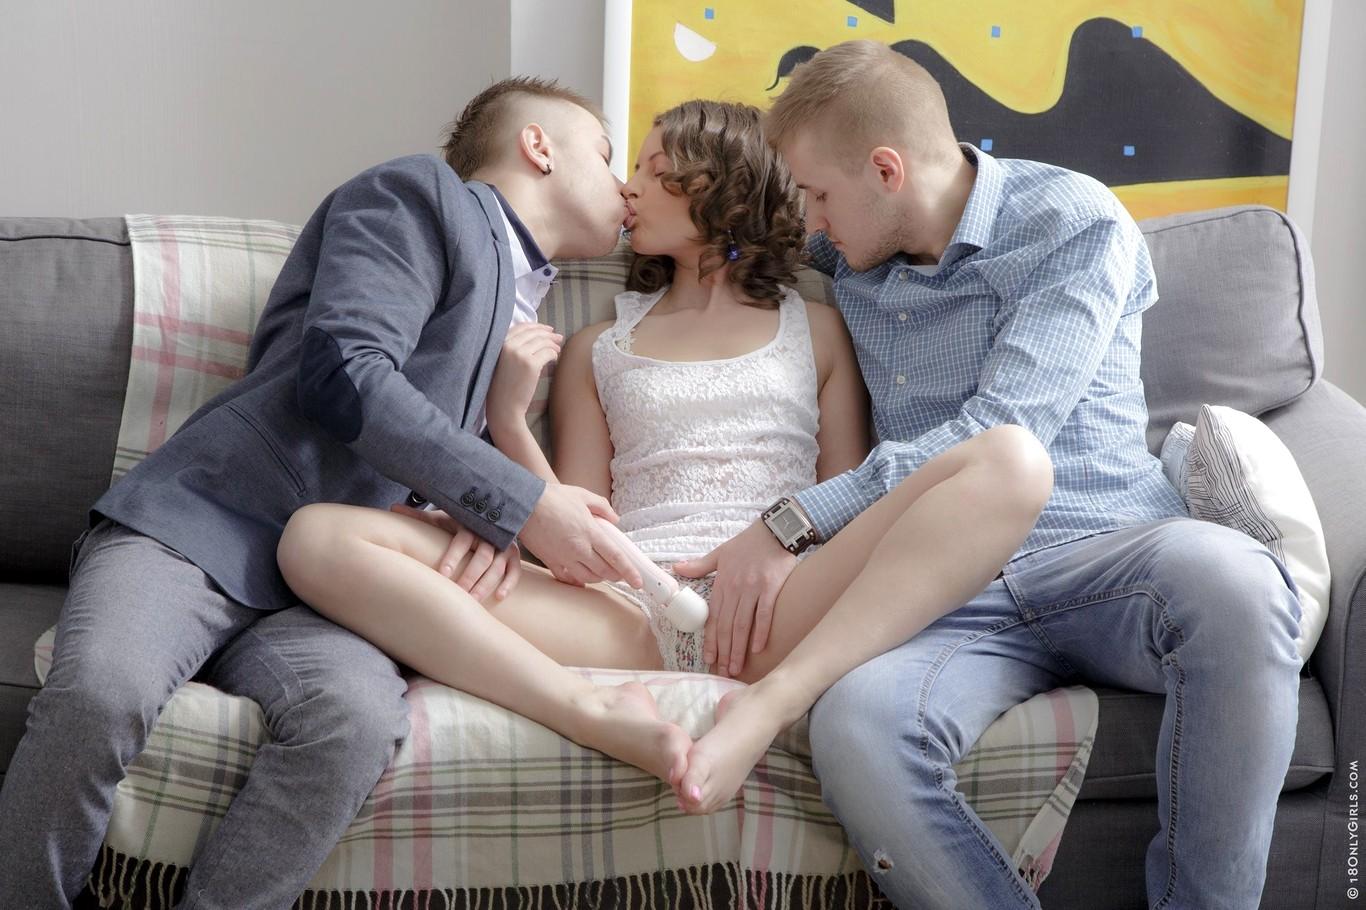 Трахнули случайно фото, Русское случайный секс (36 фото) 23 фотография